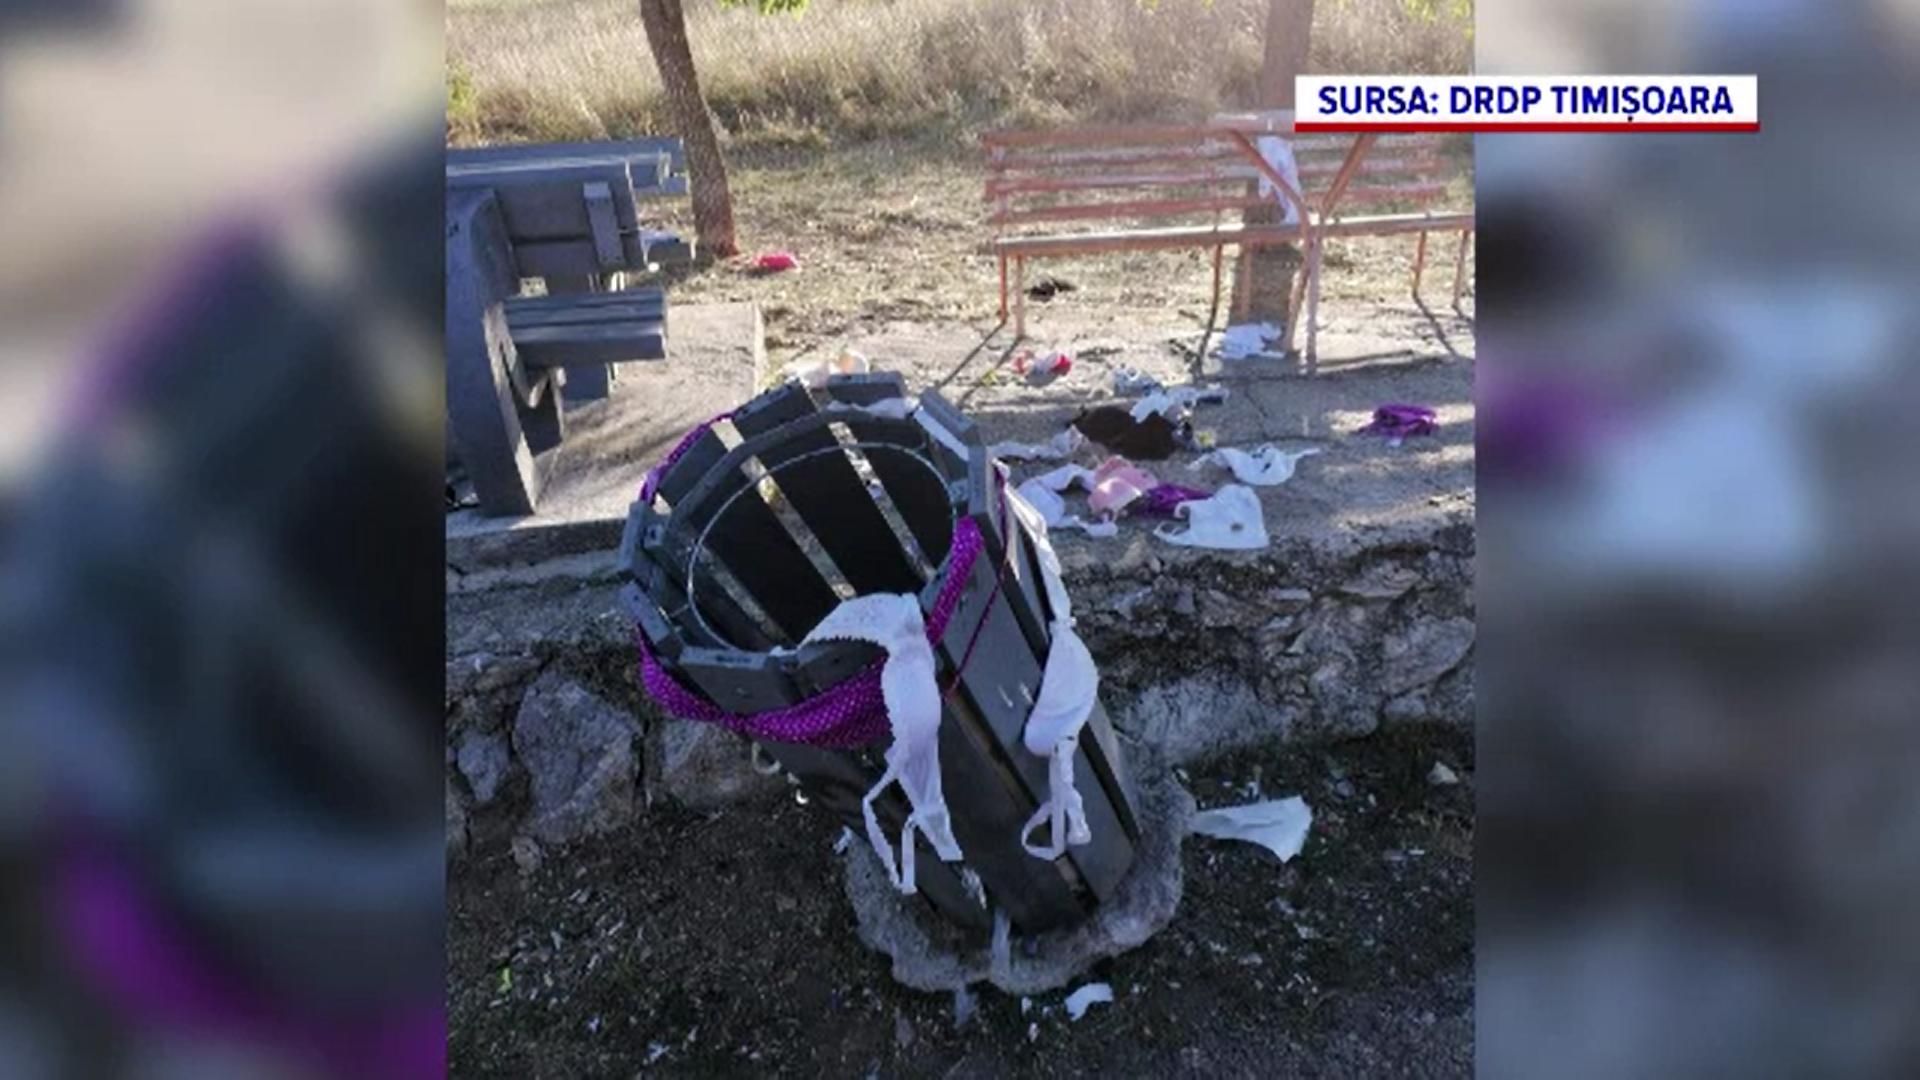 Angajații Direcției de Drumuri și Poduri din vestul țării au găsit zeci de sutiene aruncate în jurul coșurilor de gunoi